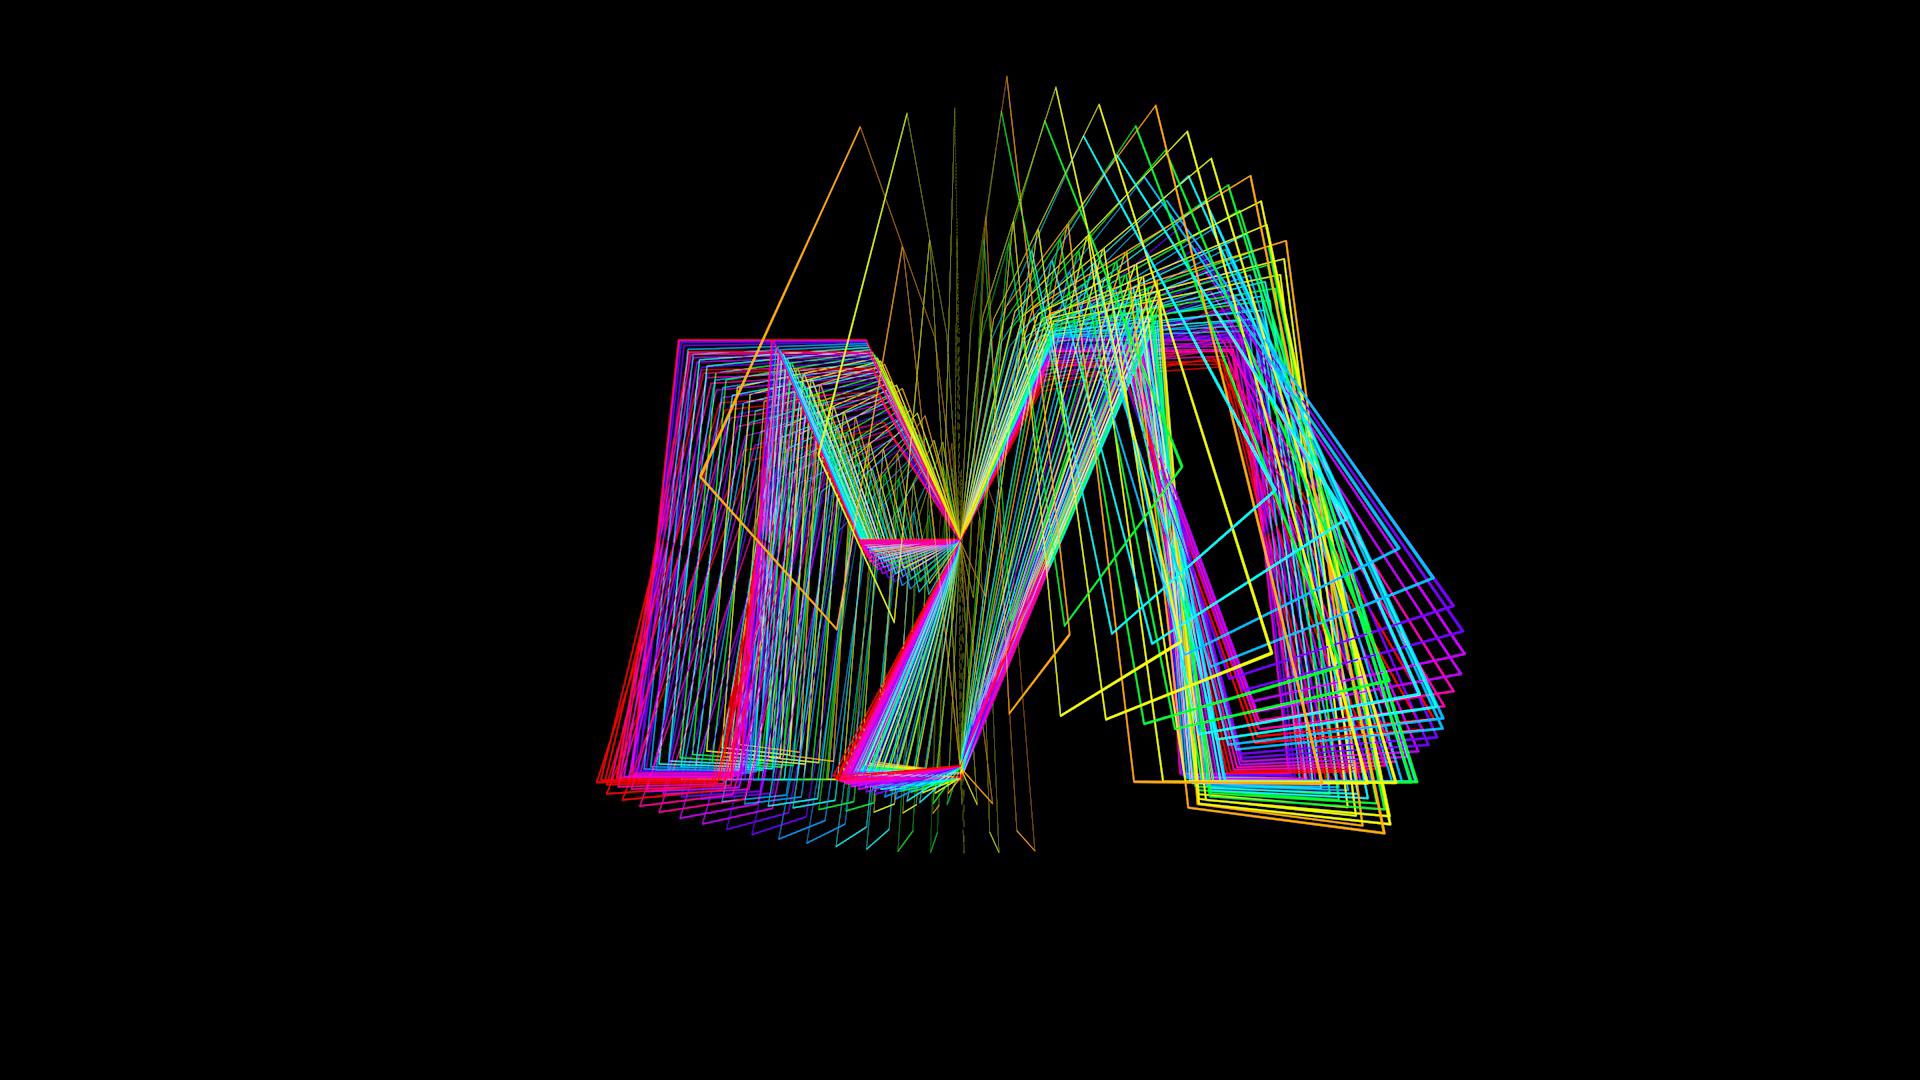 YM6_Onion_16x9